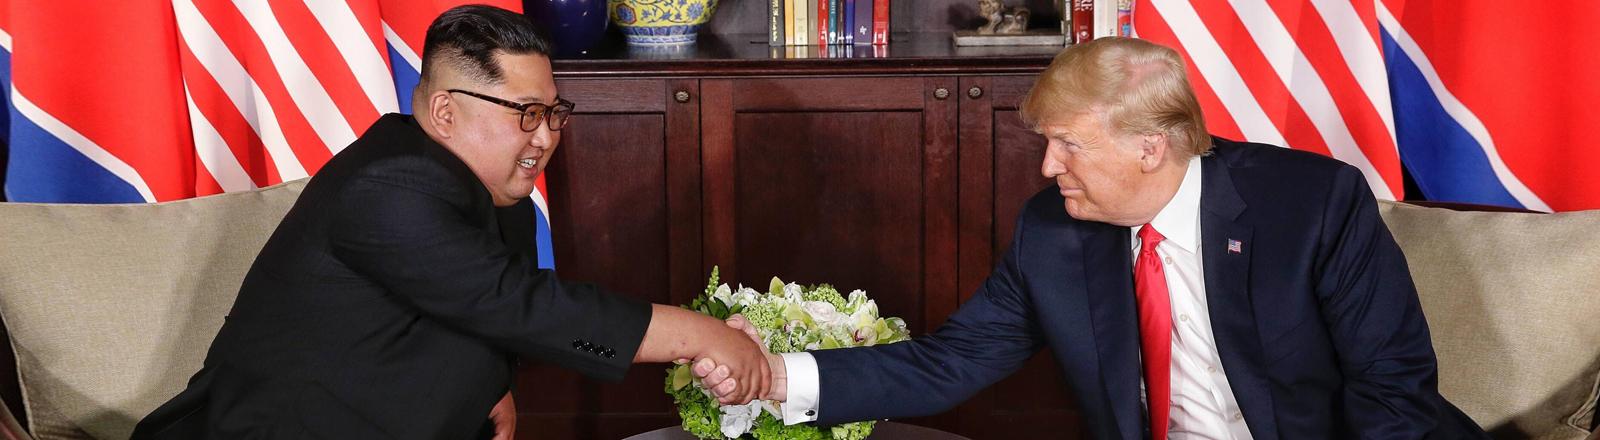 Kim Jong Un und Donald Trump schütteln sich die Hand